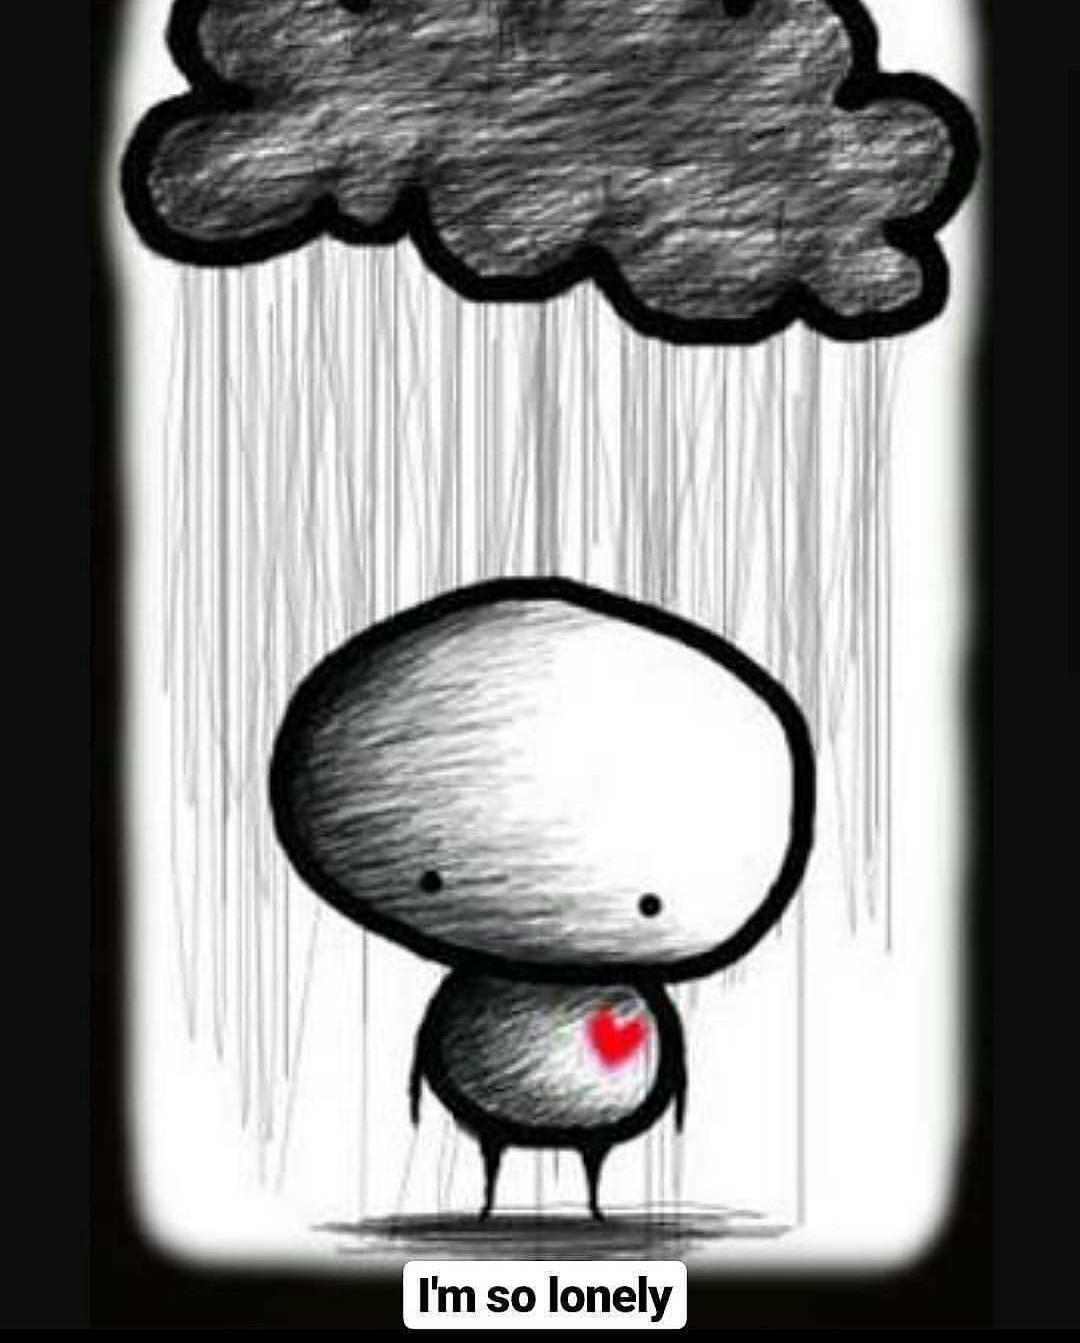 мультяшные рисунки грустные экстерьере каждая деталь